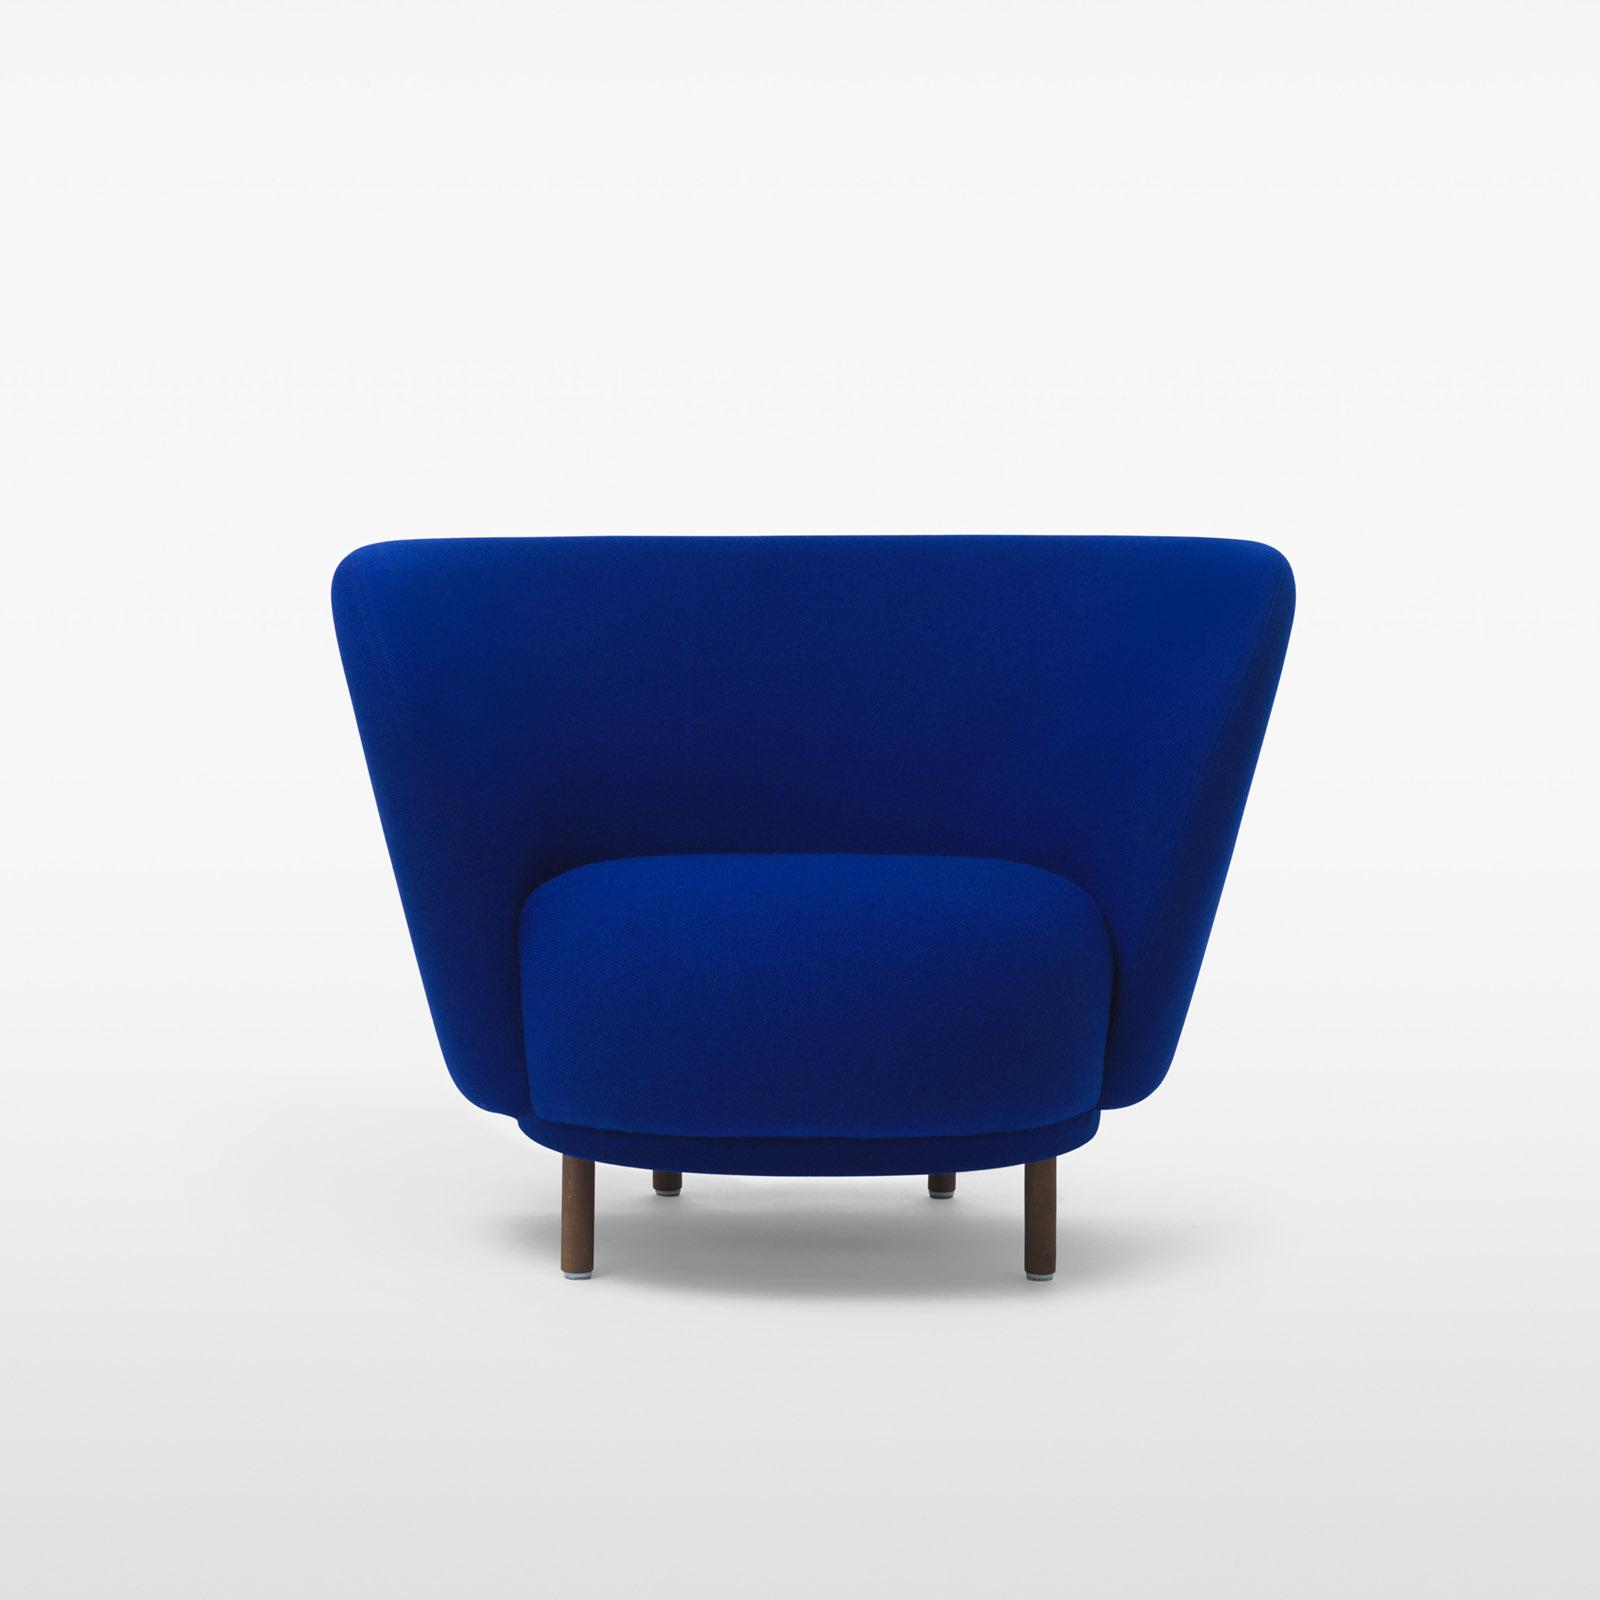 TinnappleMetz-massproductions-dandy-armchair-06